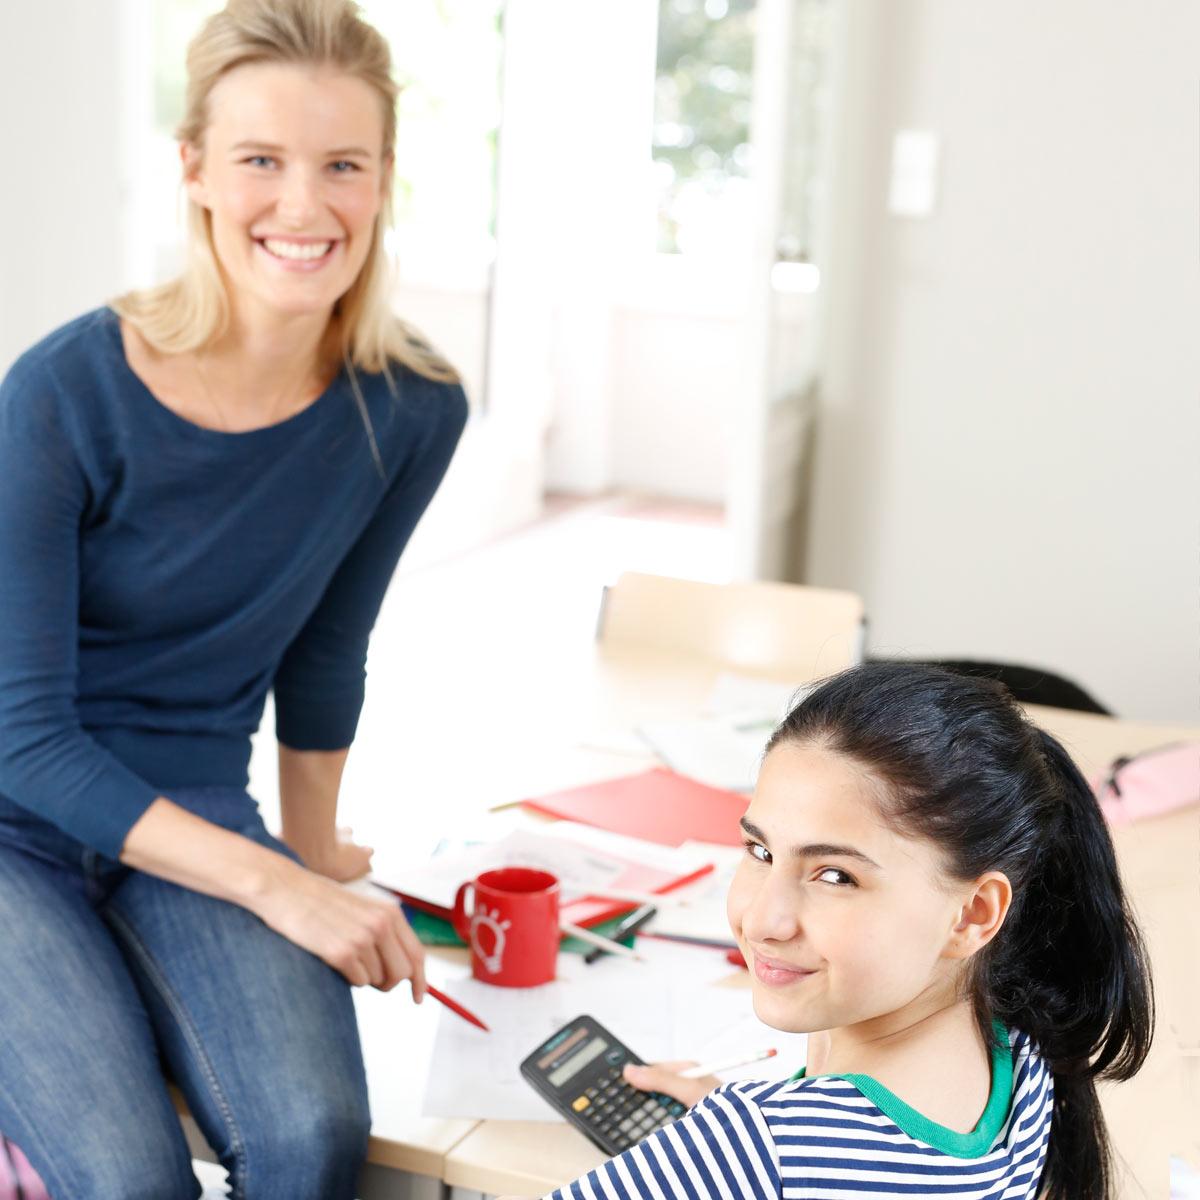 Studienkreis Nachhilfe Datteln